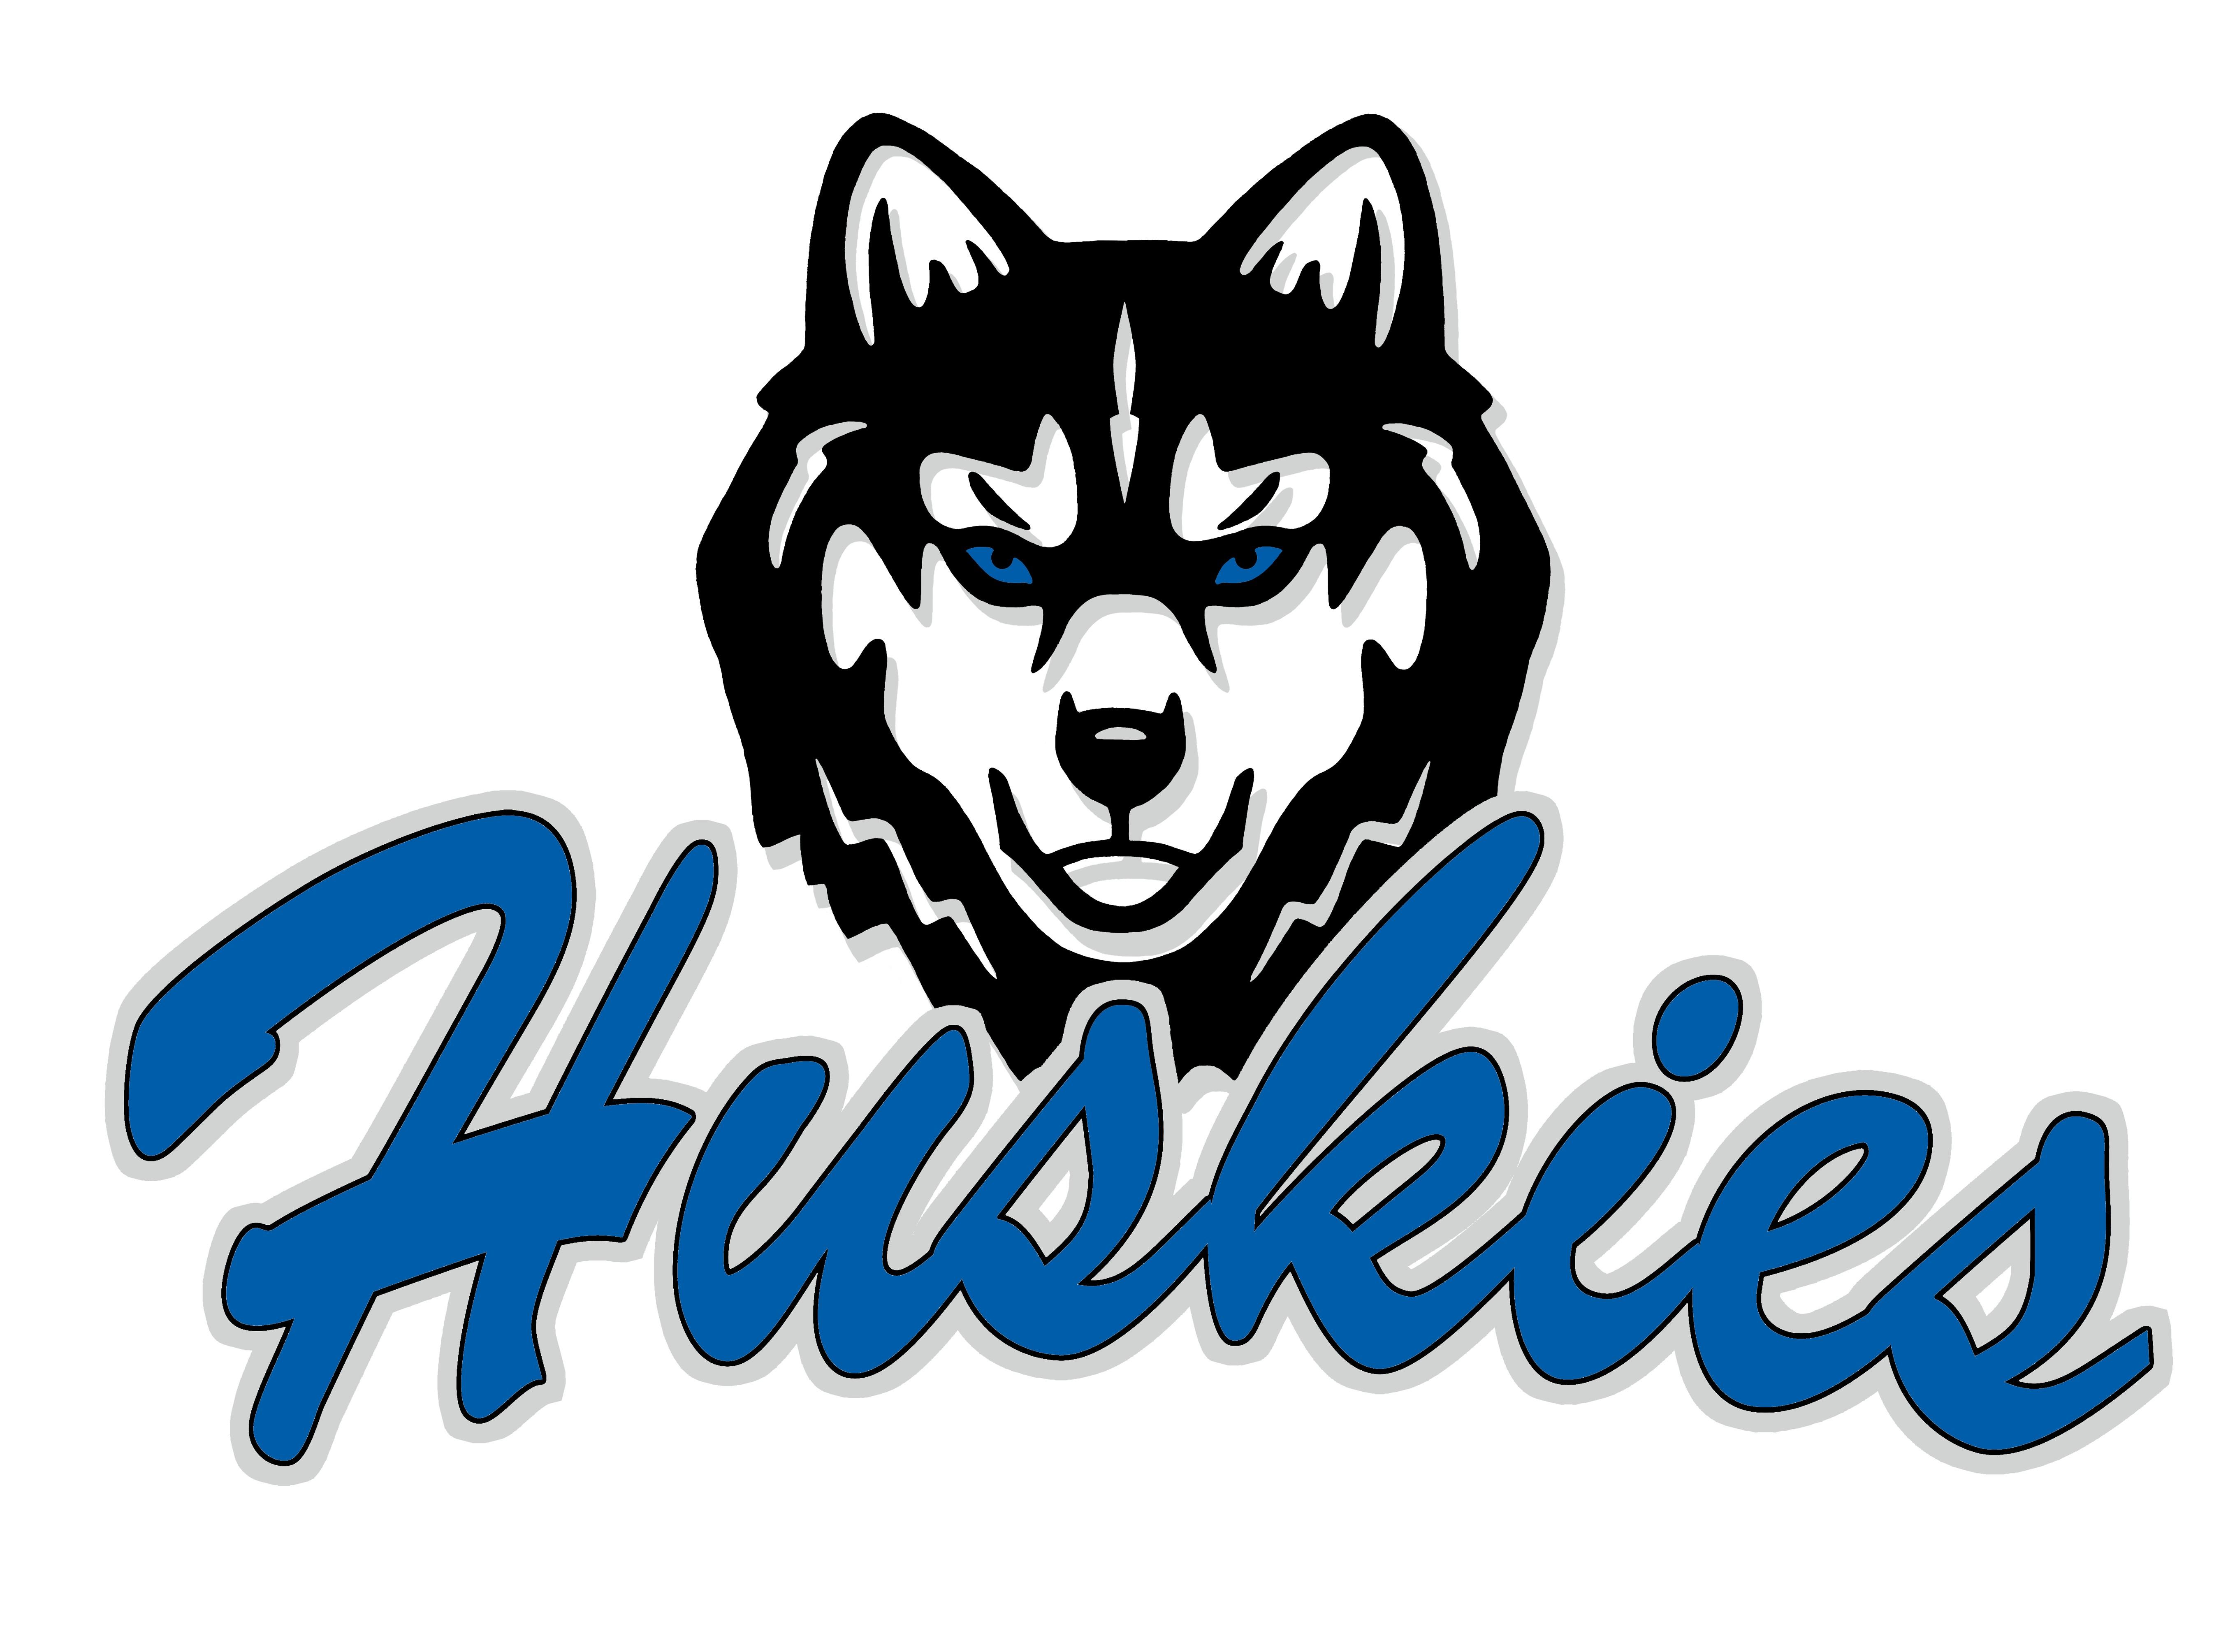 husky logos rh logolynx com husky logo images husky logistics near me